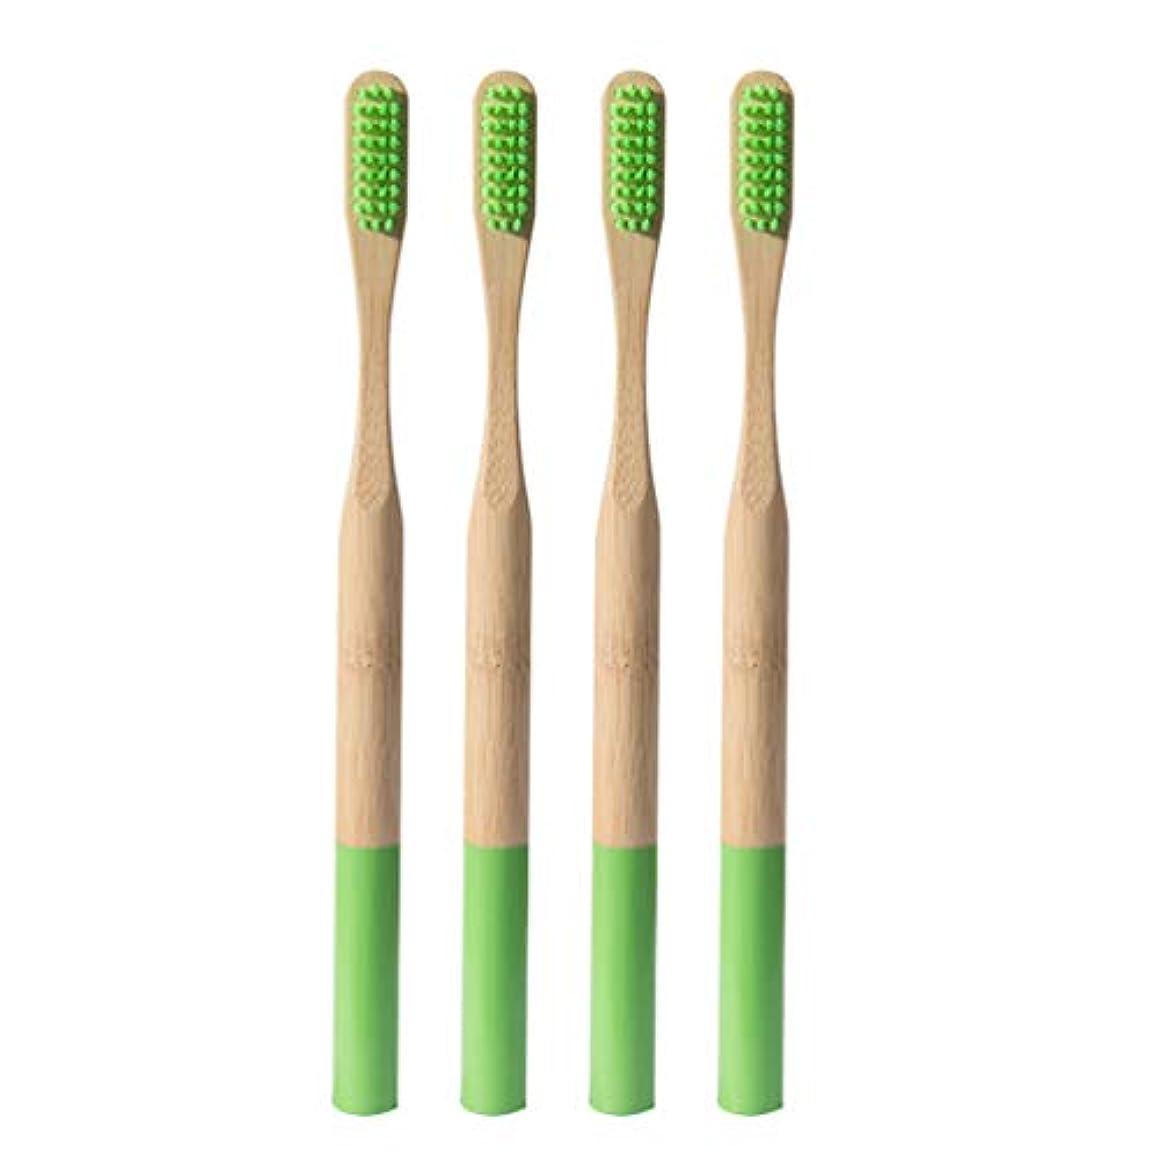 惨めな惨めな墓地SUPVOX 4本の天然竹歯ブラシエコフレンドリーな歯ブラシ、柔らかいナイロン毛、BPAフリーの生分解性